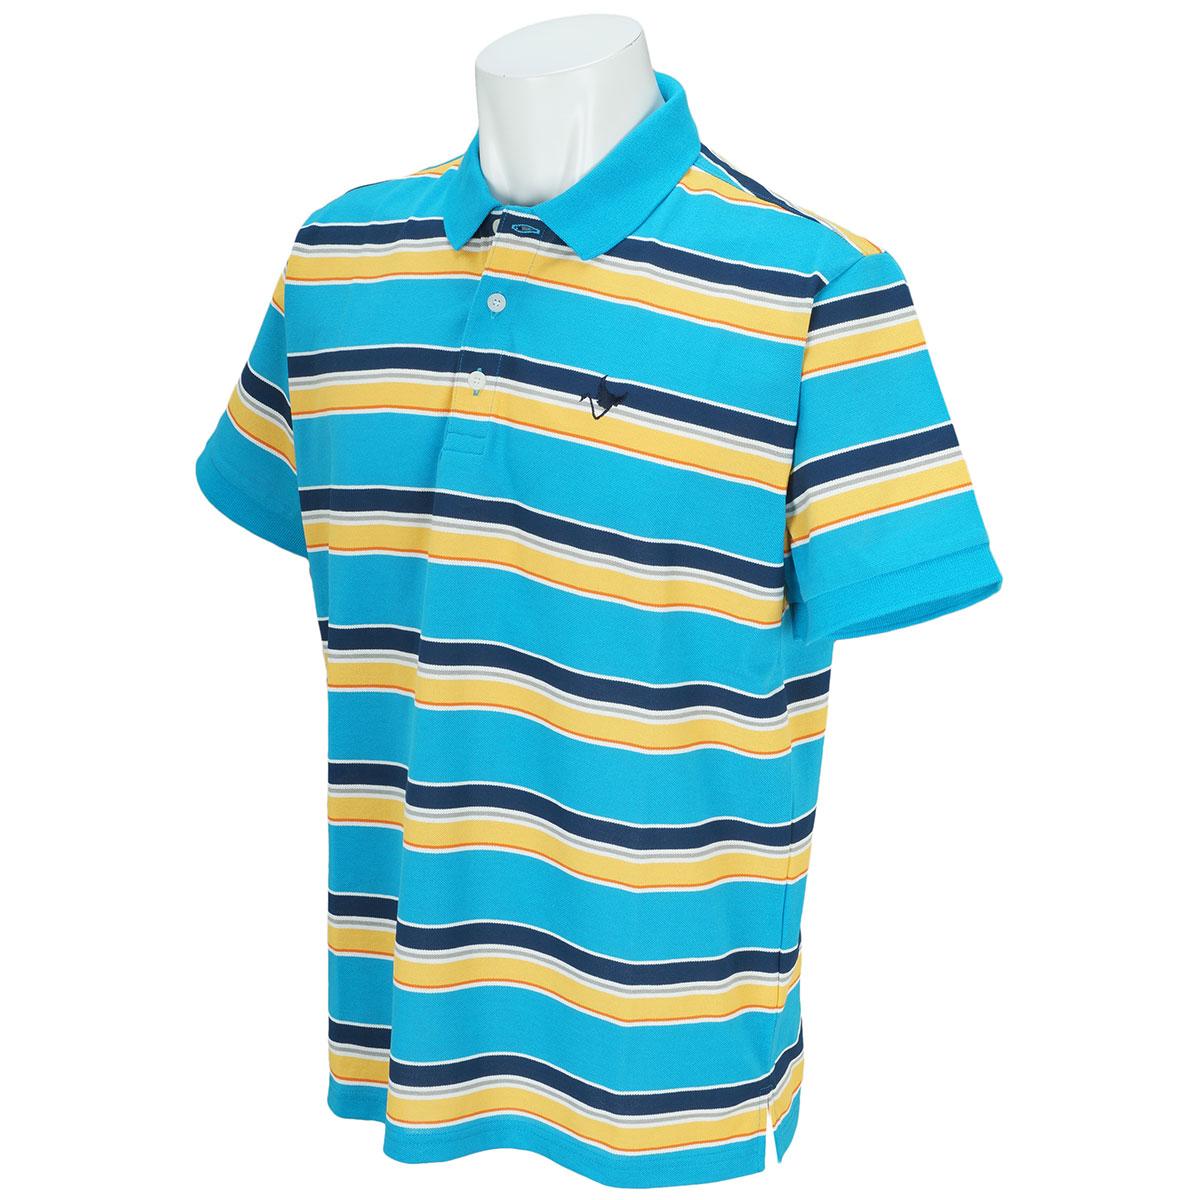 DPマルチボーダー半袖ポロシャツ